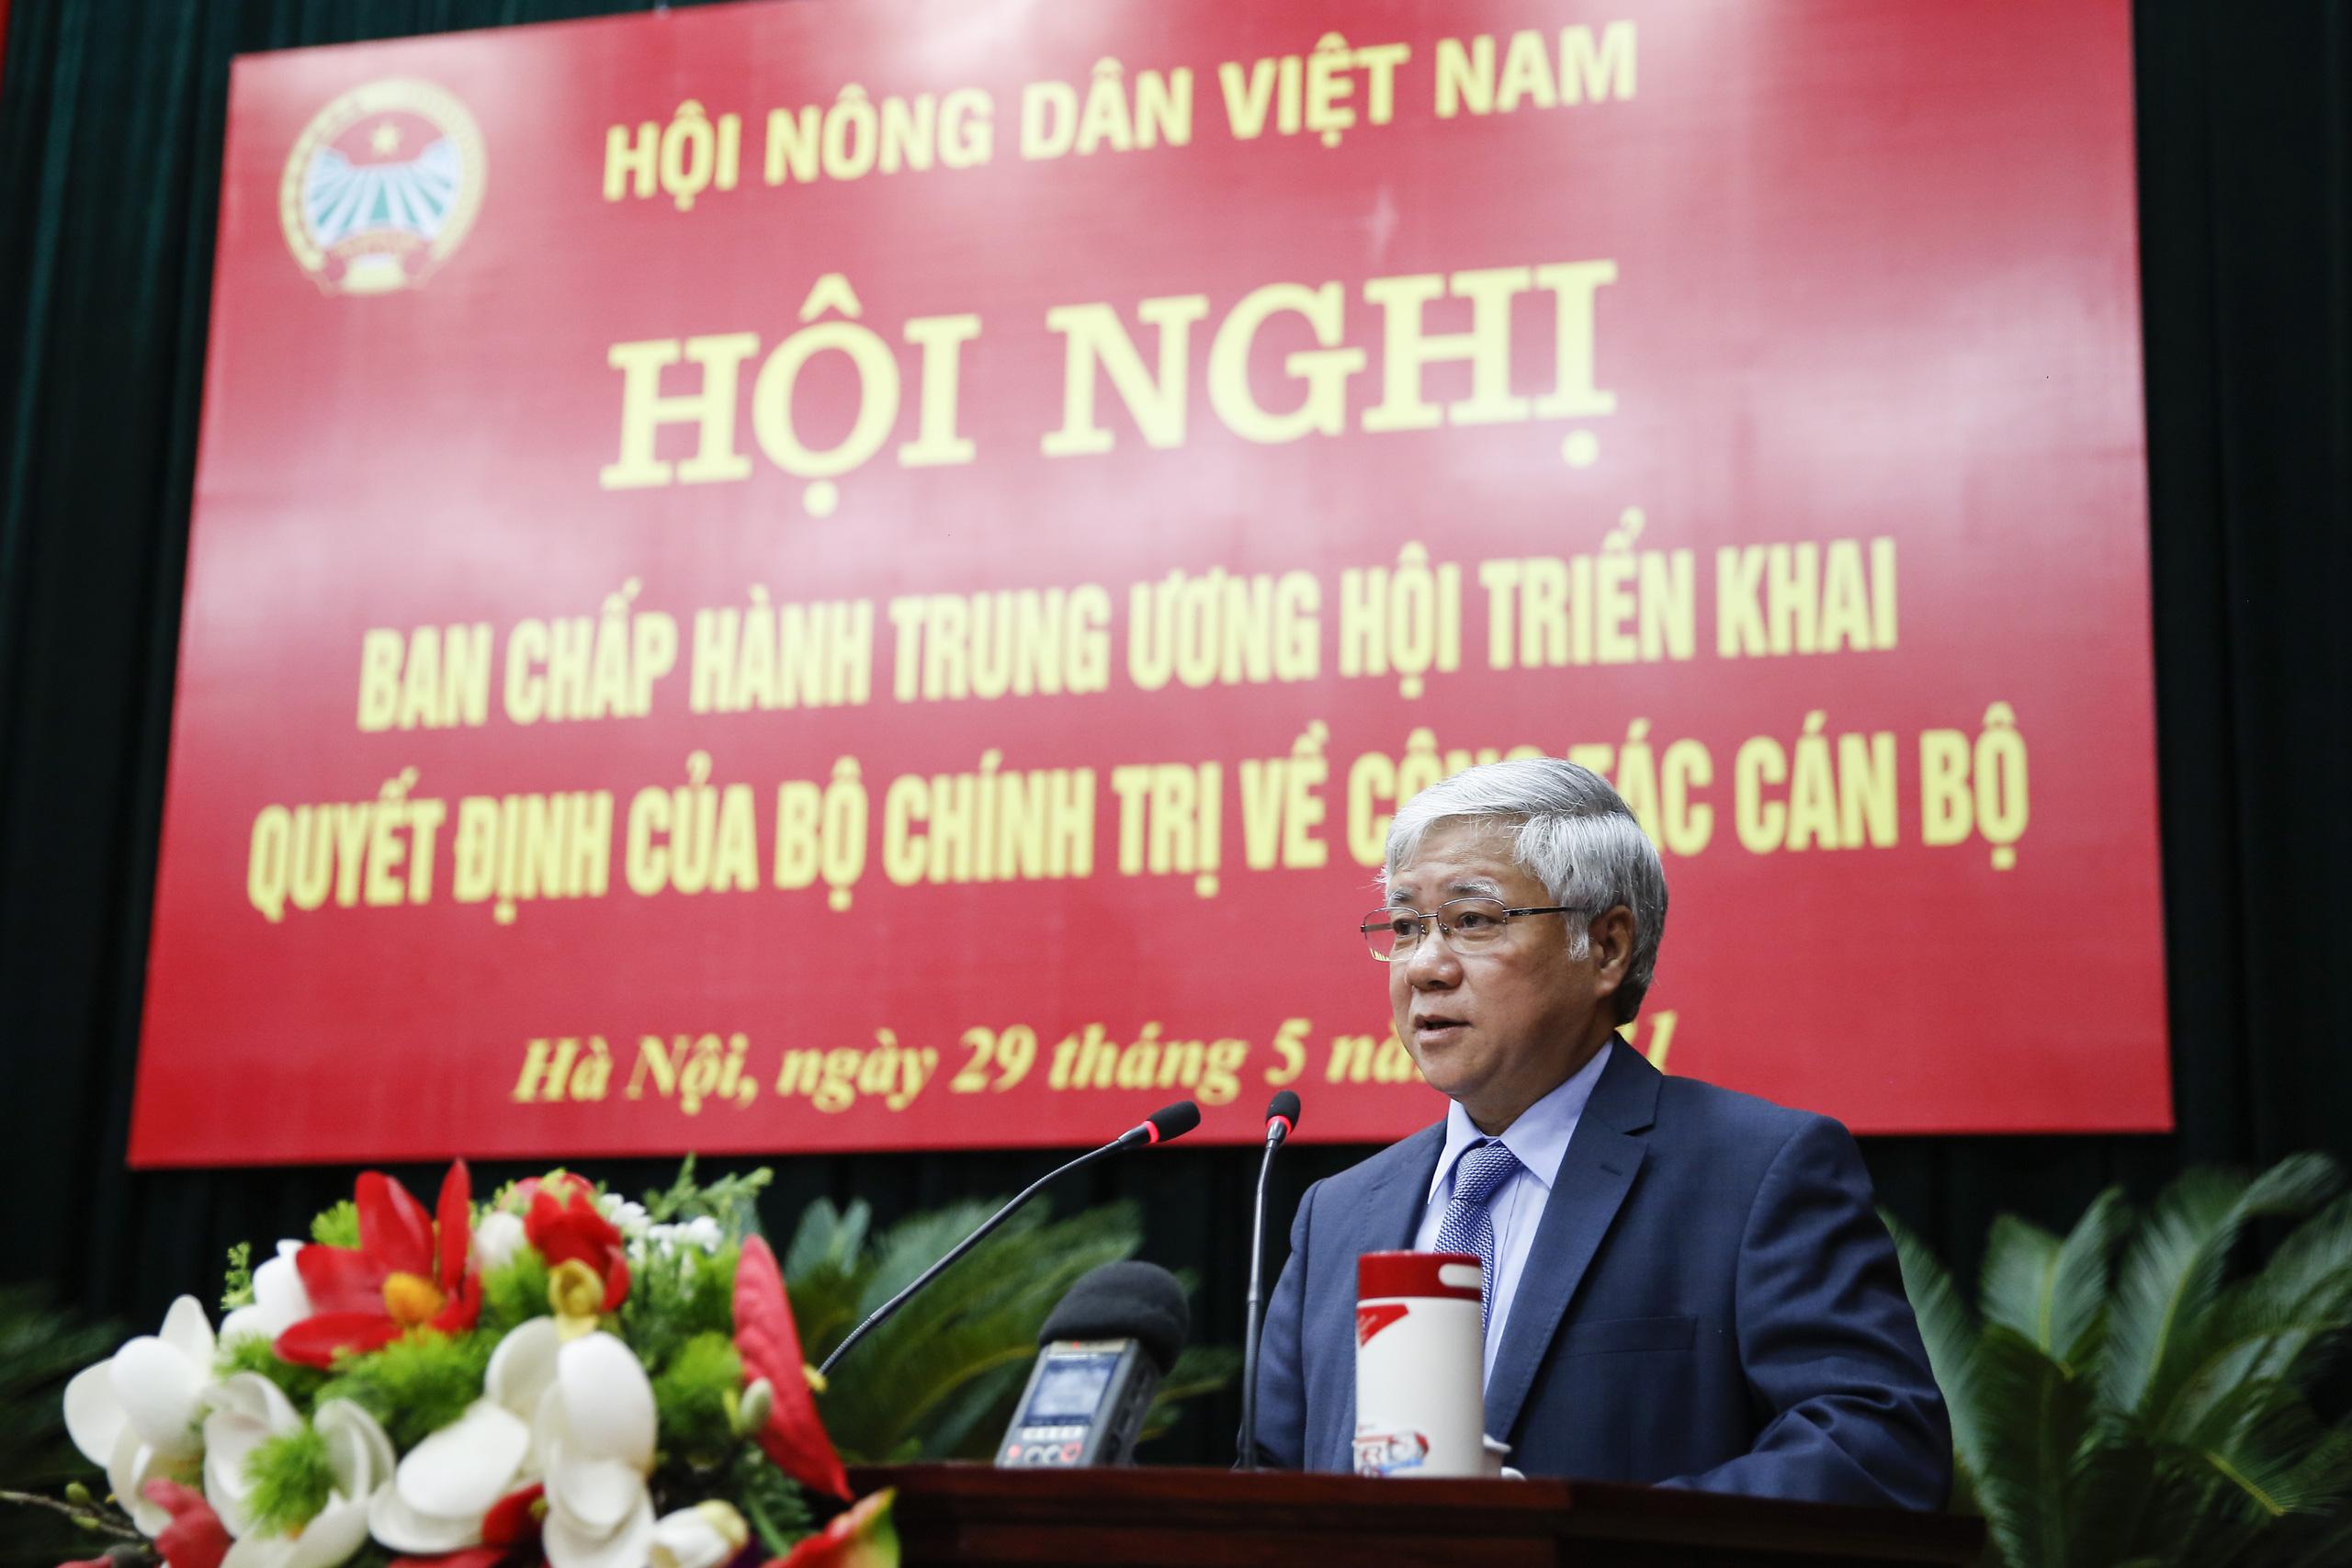 Ông Lương Quốc Đoàn đảm nhận chức Bí thư Đảng đoàn T.Ư Hội Nông dân Việt Nam - Ảnh 4.